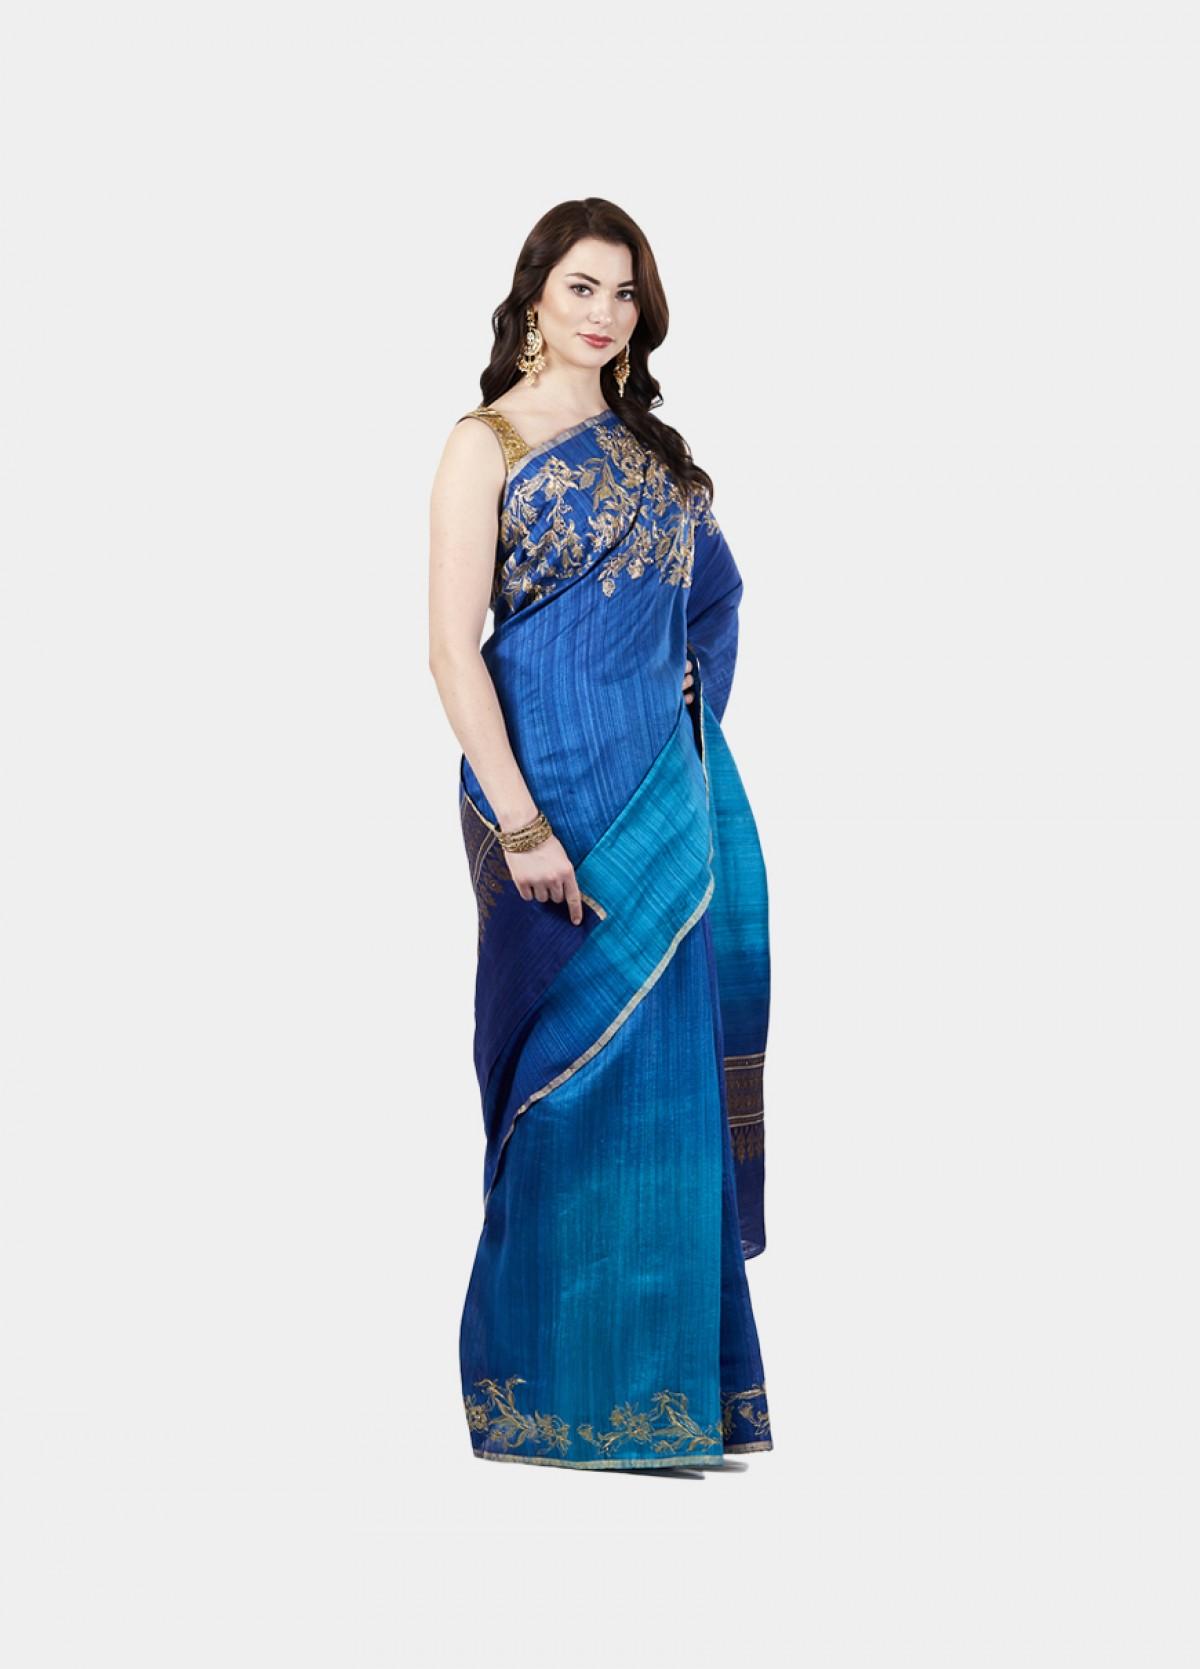 The Aurora Sari